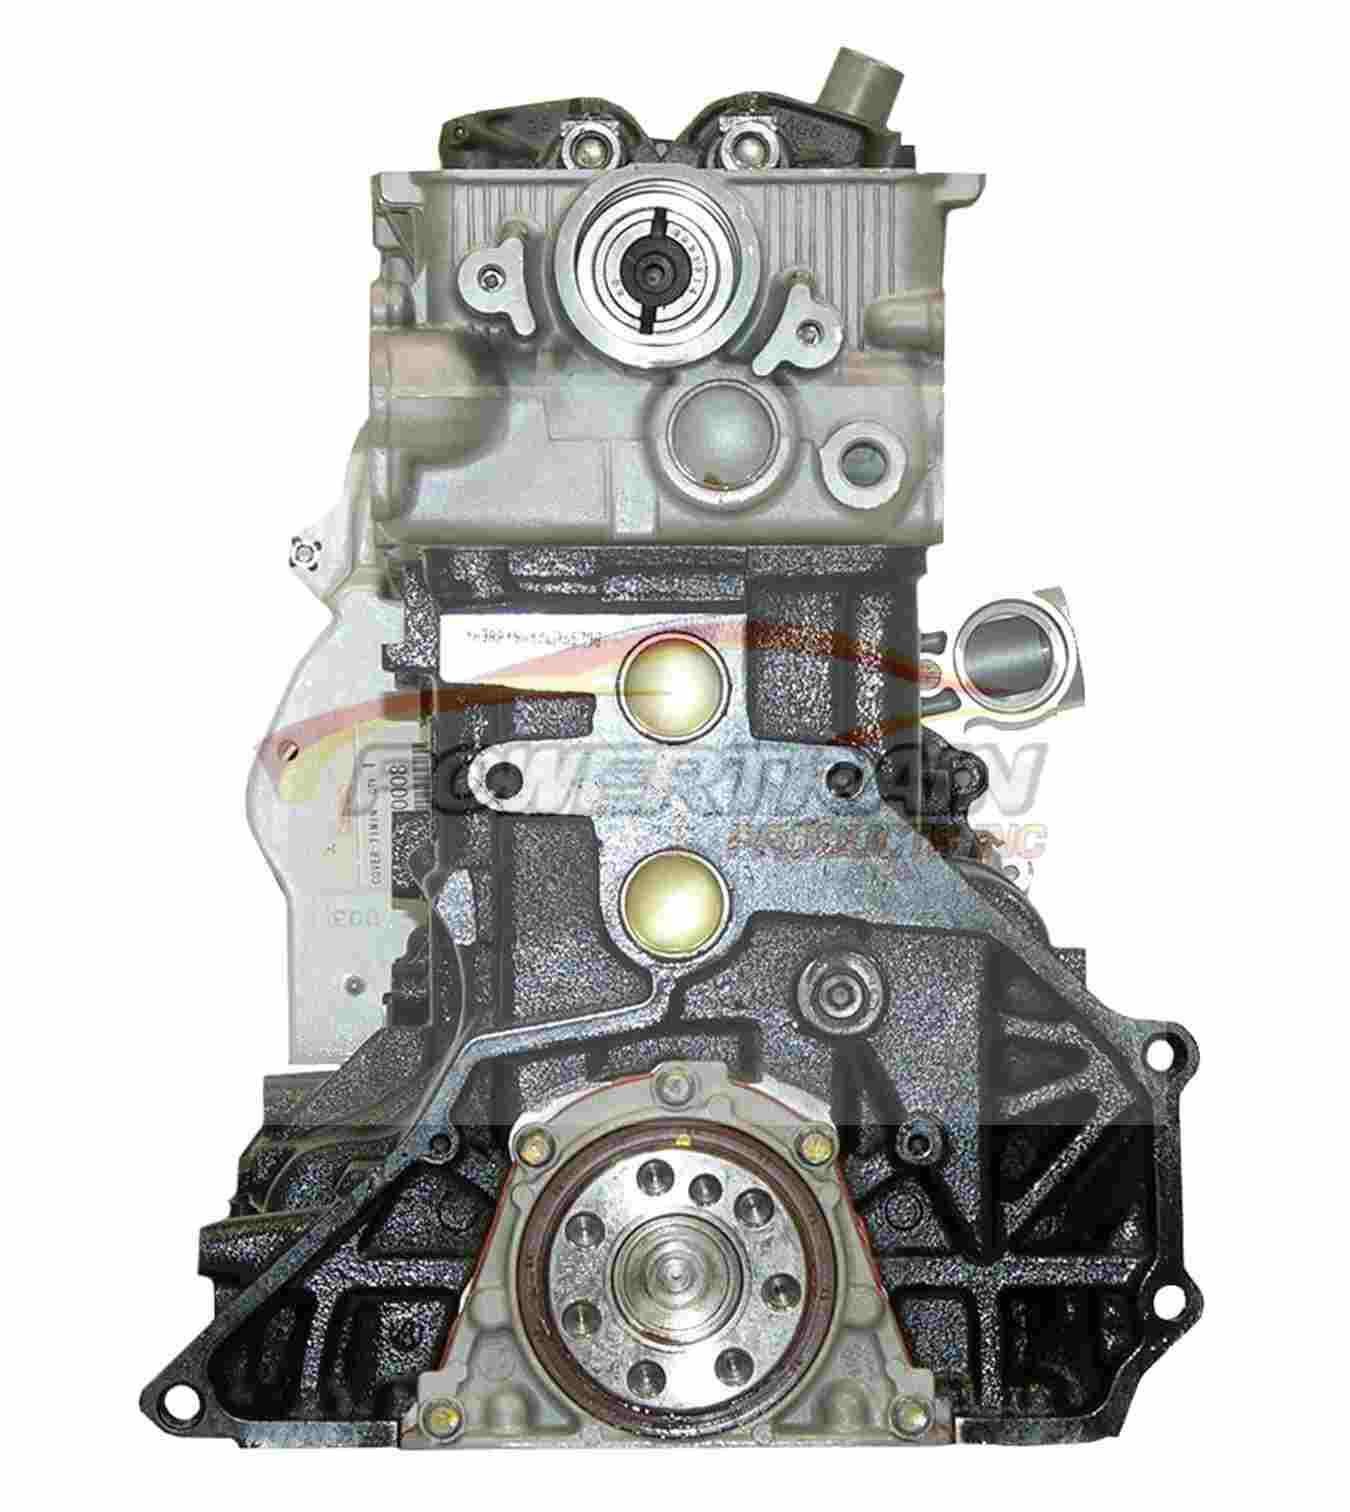 Mitsubishi 4G64 98-06 2.4 L4 comp engine